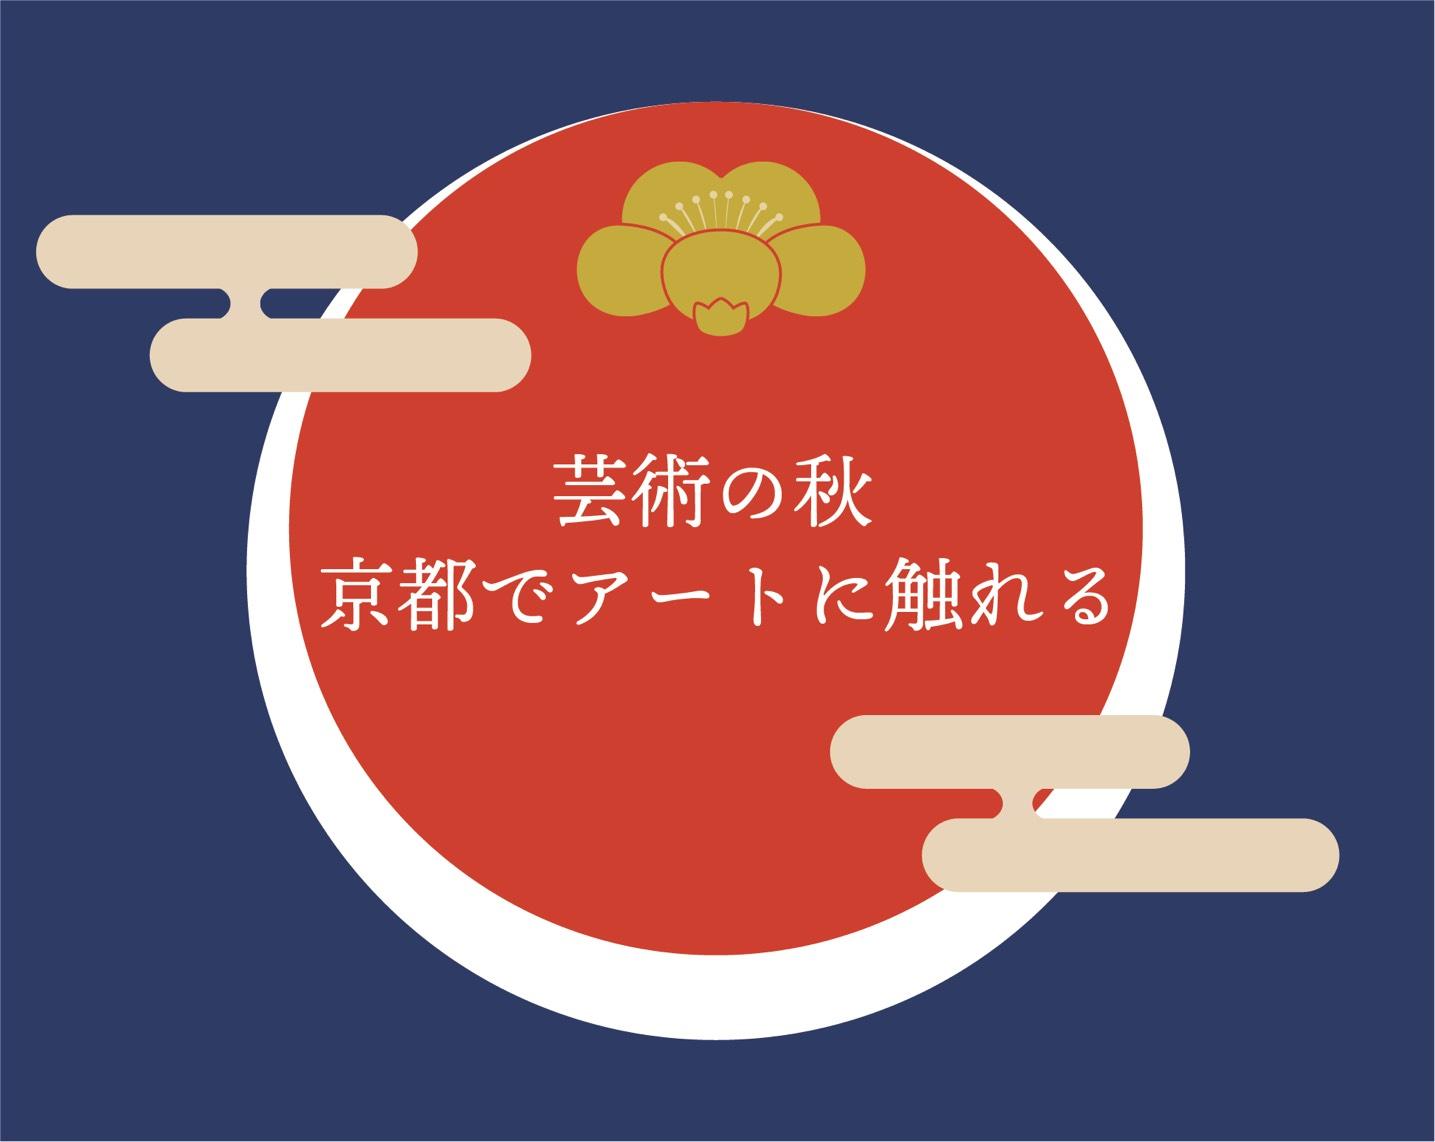 芸術の秋🍂京都ならではのアートに触れてみよう!